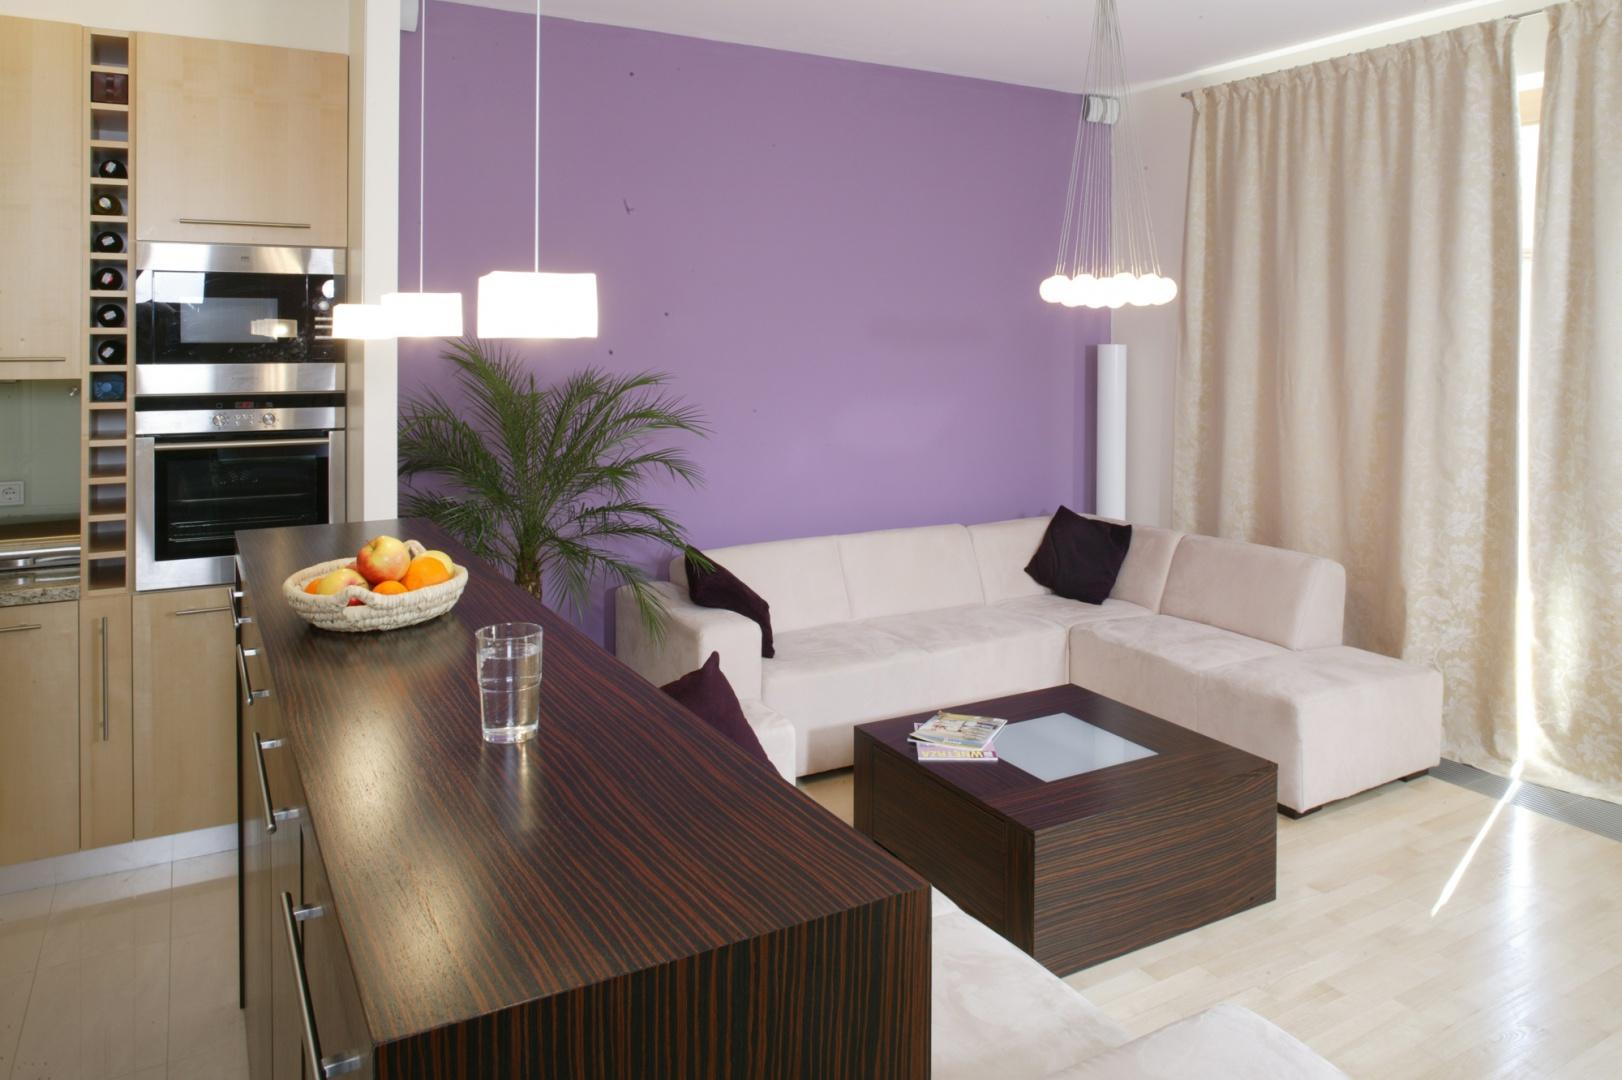 Fiolet, mocny kolorystycznie akcent na jednej ze ścian salonu, ciekawie komponuje się z kanapami obitymi elegancką alcantarą, jasnym jesionowym parkietem i grubymi kotarami o barwie delikatnego złota. Fot. Marcin Onufryjuk.